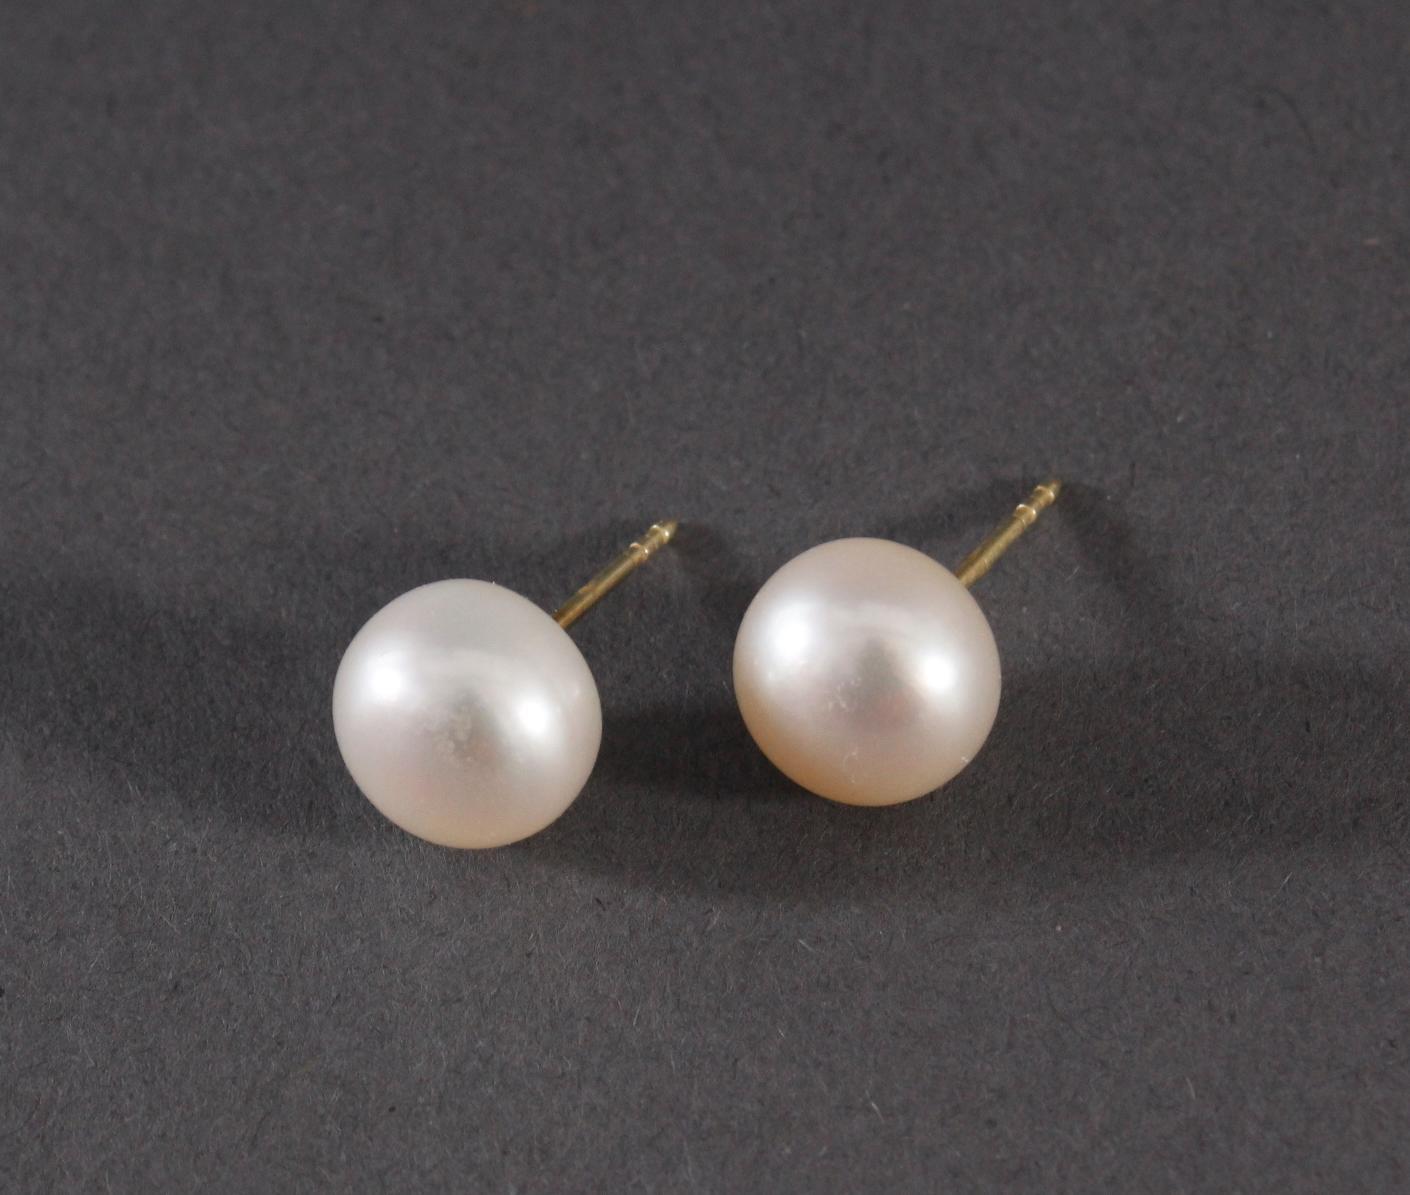 Paar Ohrringe mit Perlen, 14 Karat Gelbgold-2